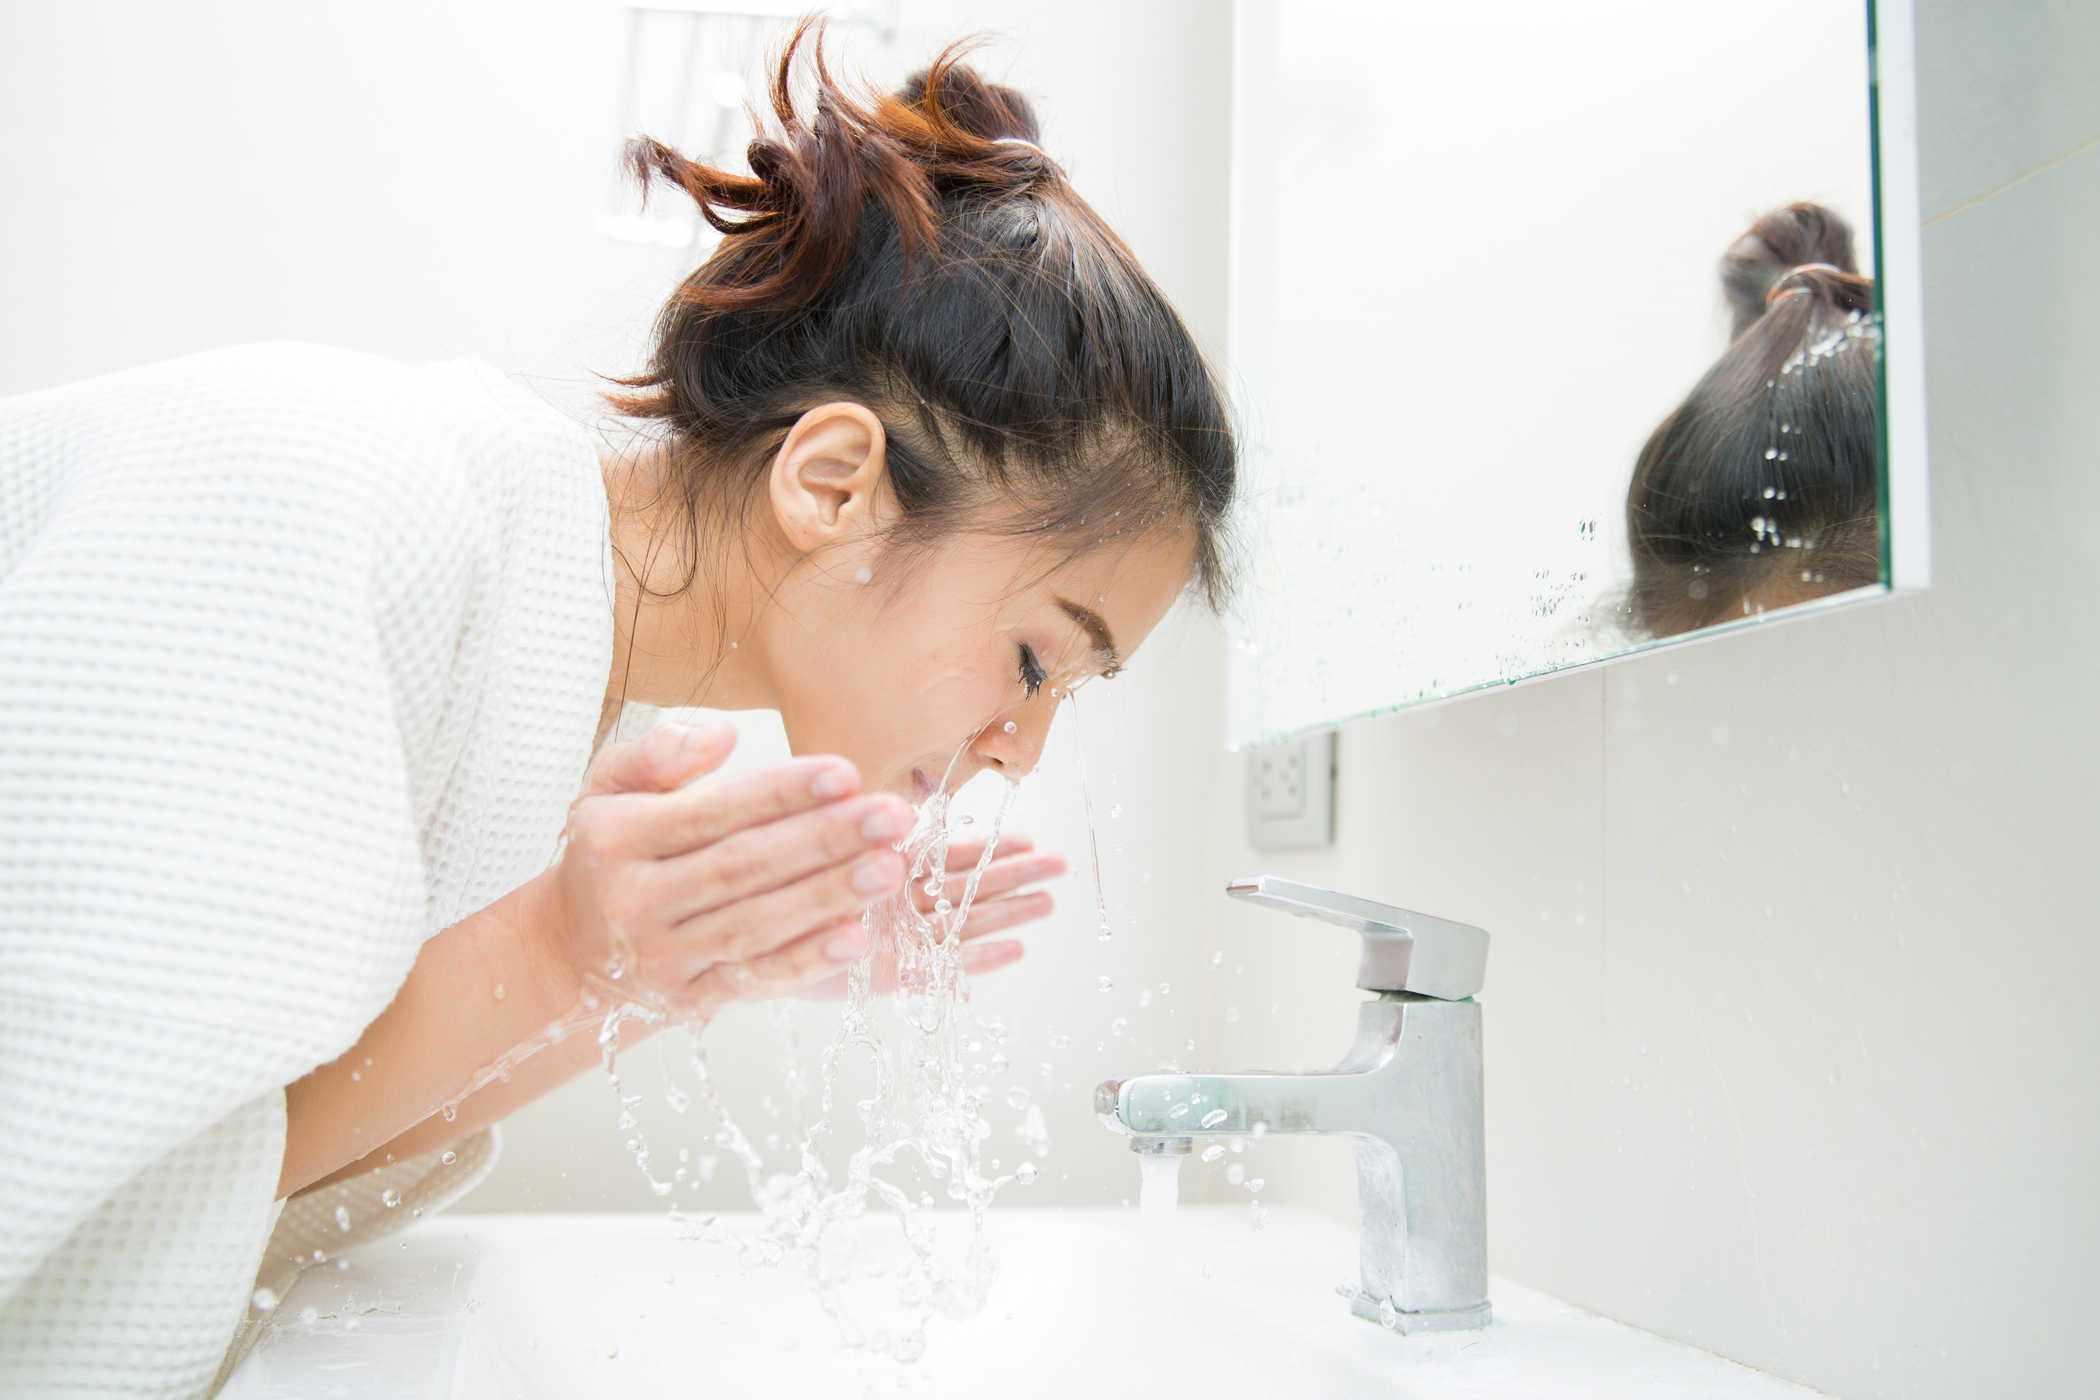 Thời tiết thay đổi, chị em cứ rửa mặt theo cách cũ thể nào da cũng khô sần, xám xịt - 1